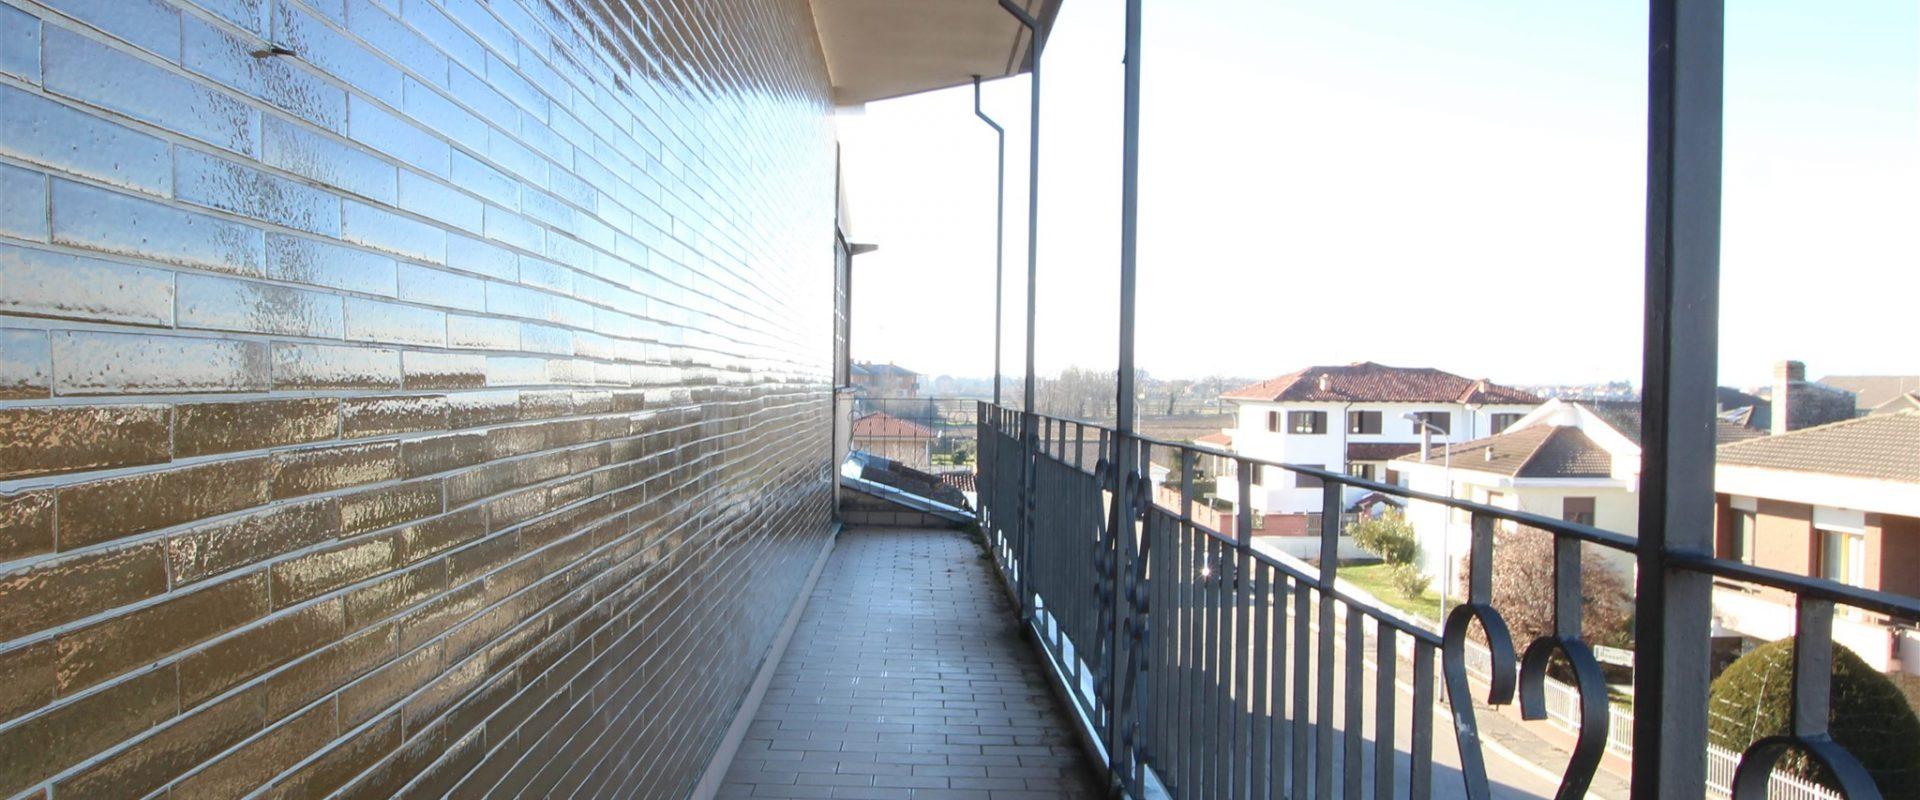 2 locali in villa con terrazzo